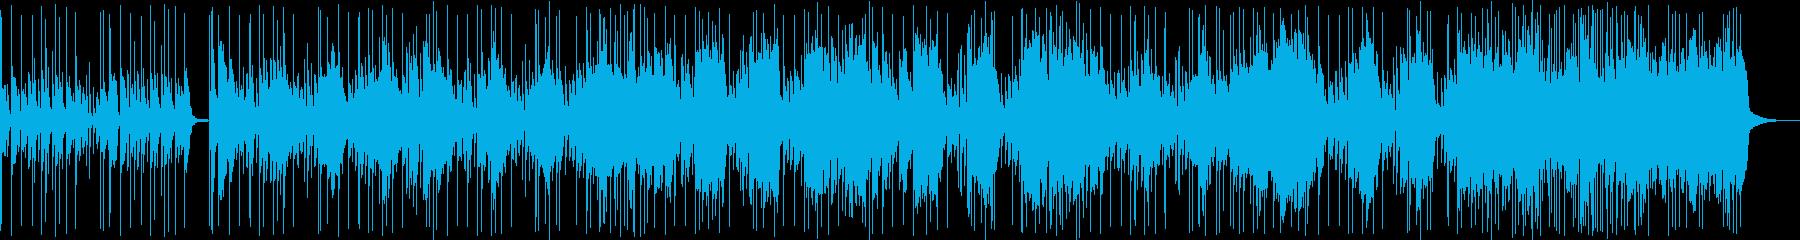 パーカッシブなインストの再生済みの波形